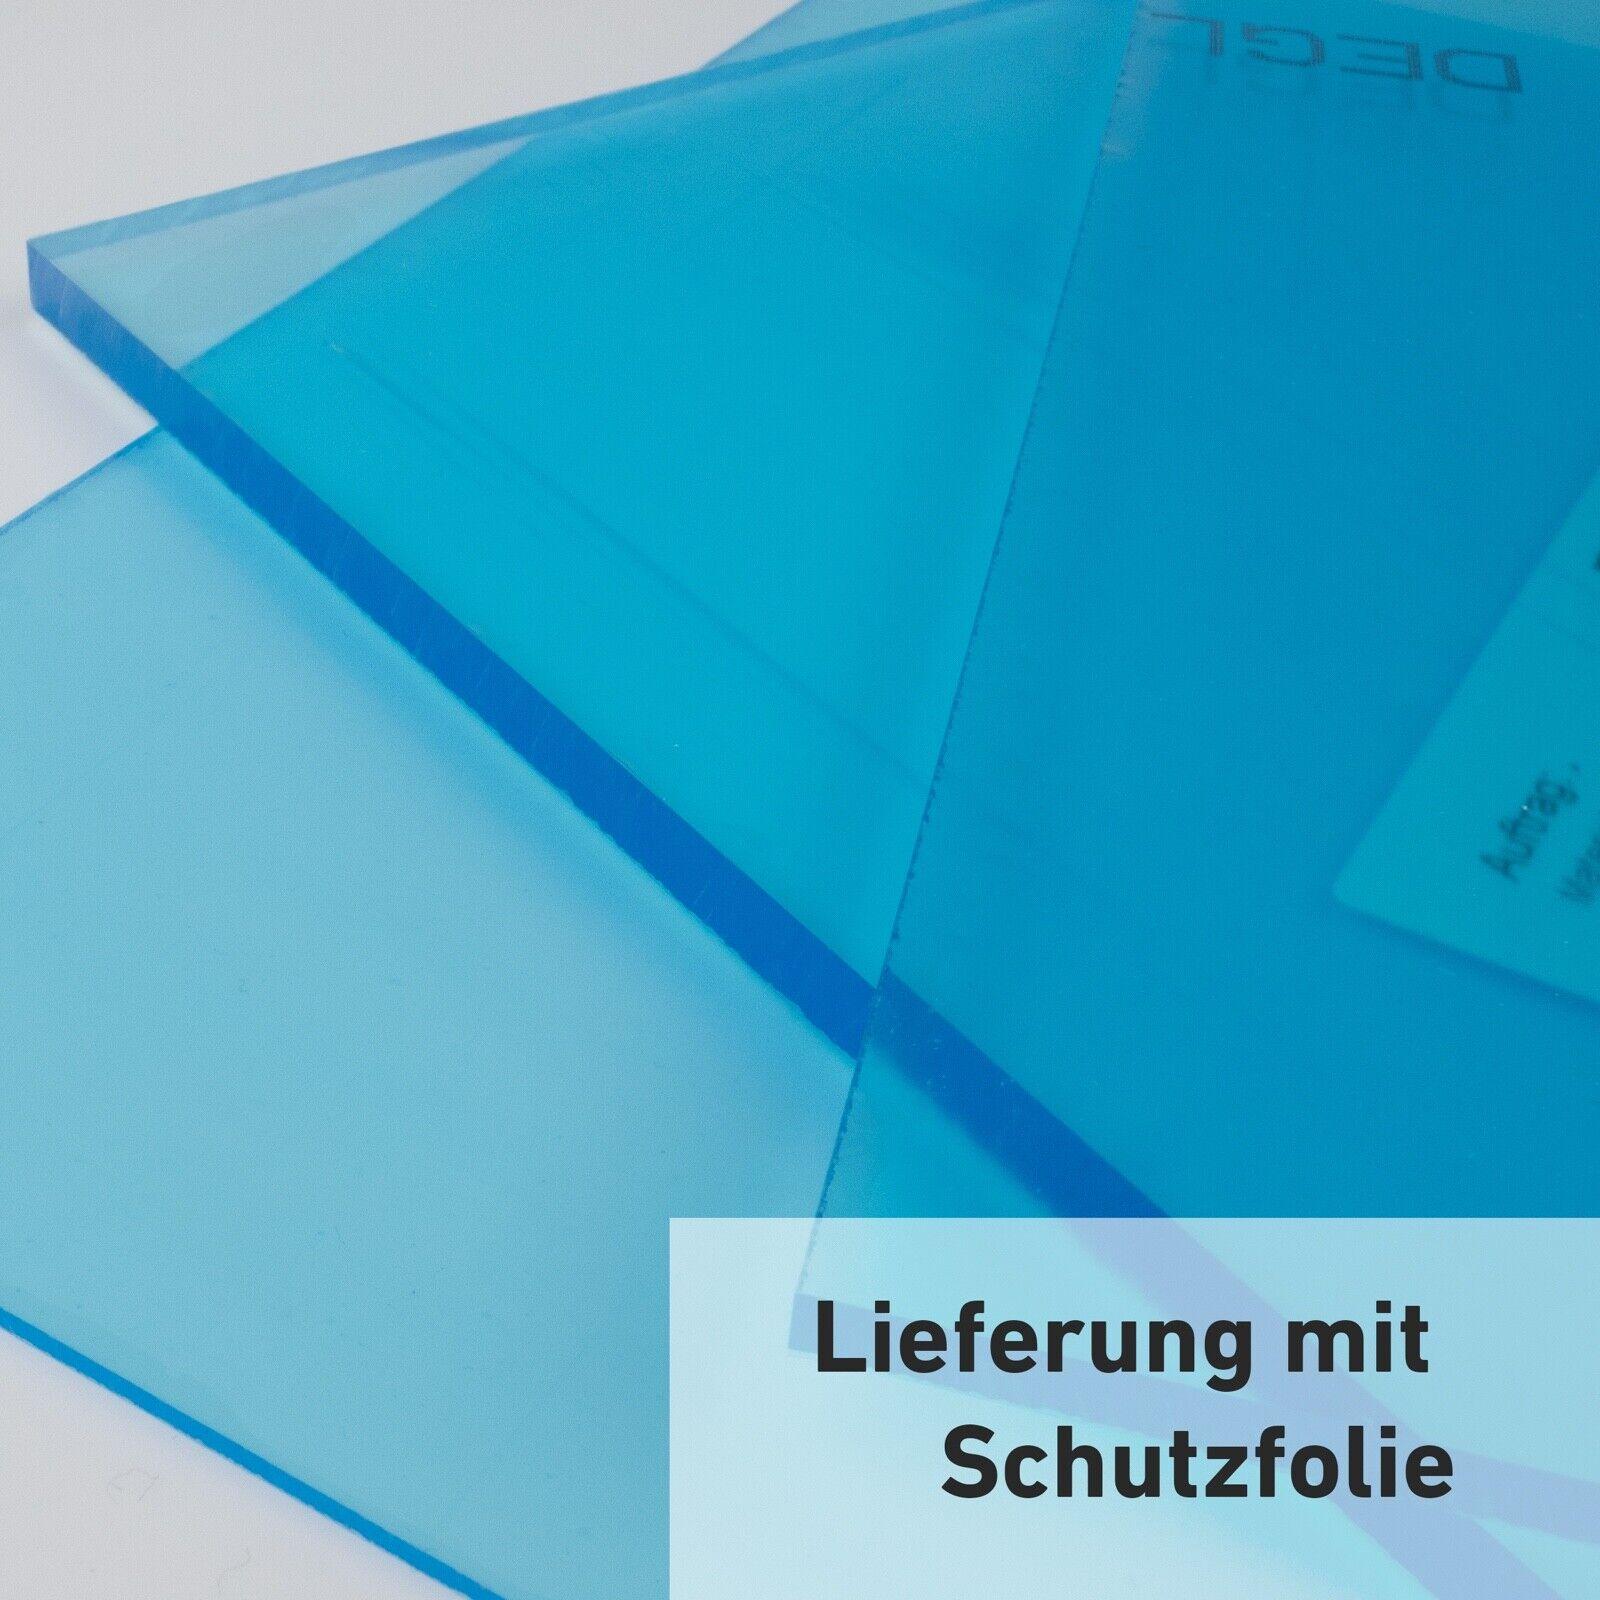 UV-Stabil F/ür Innen und Au/ßen DOLLE Acrylglas XT Kanten unbearbeitet Glasklare Platte in 750 x 250 mm PMMA | Zuschnitte |St/ärke 5 mm